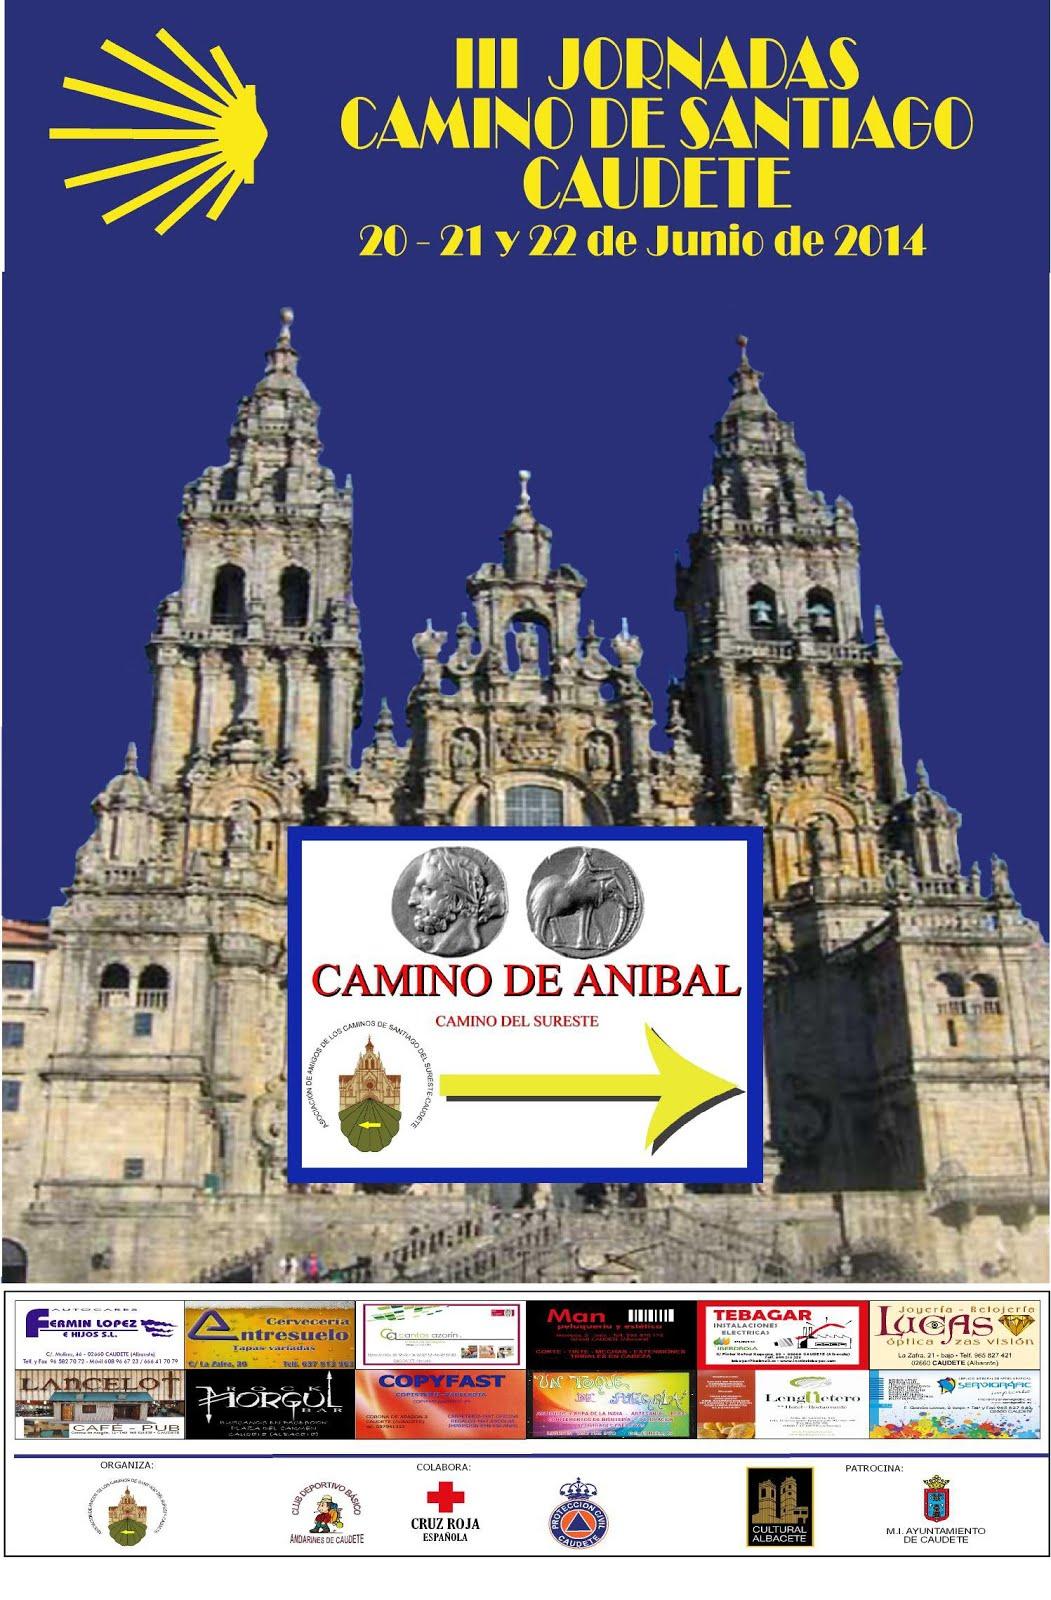 III JORNADAS CAMINO SANTIAGO CAUDETE (20, 21 y 22 de junio de 2.014)